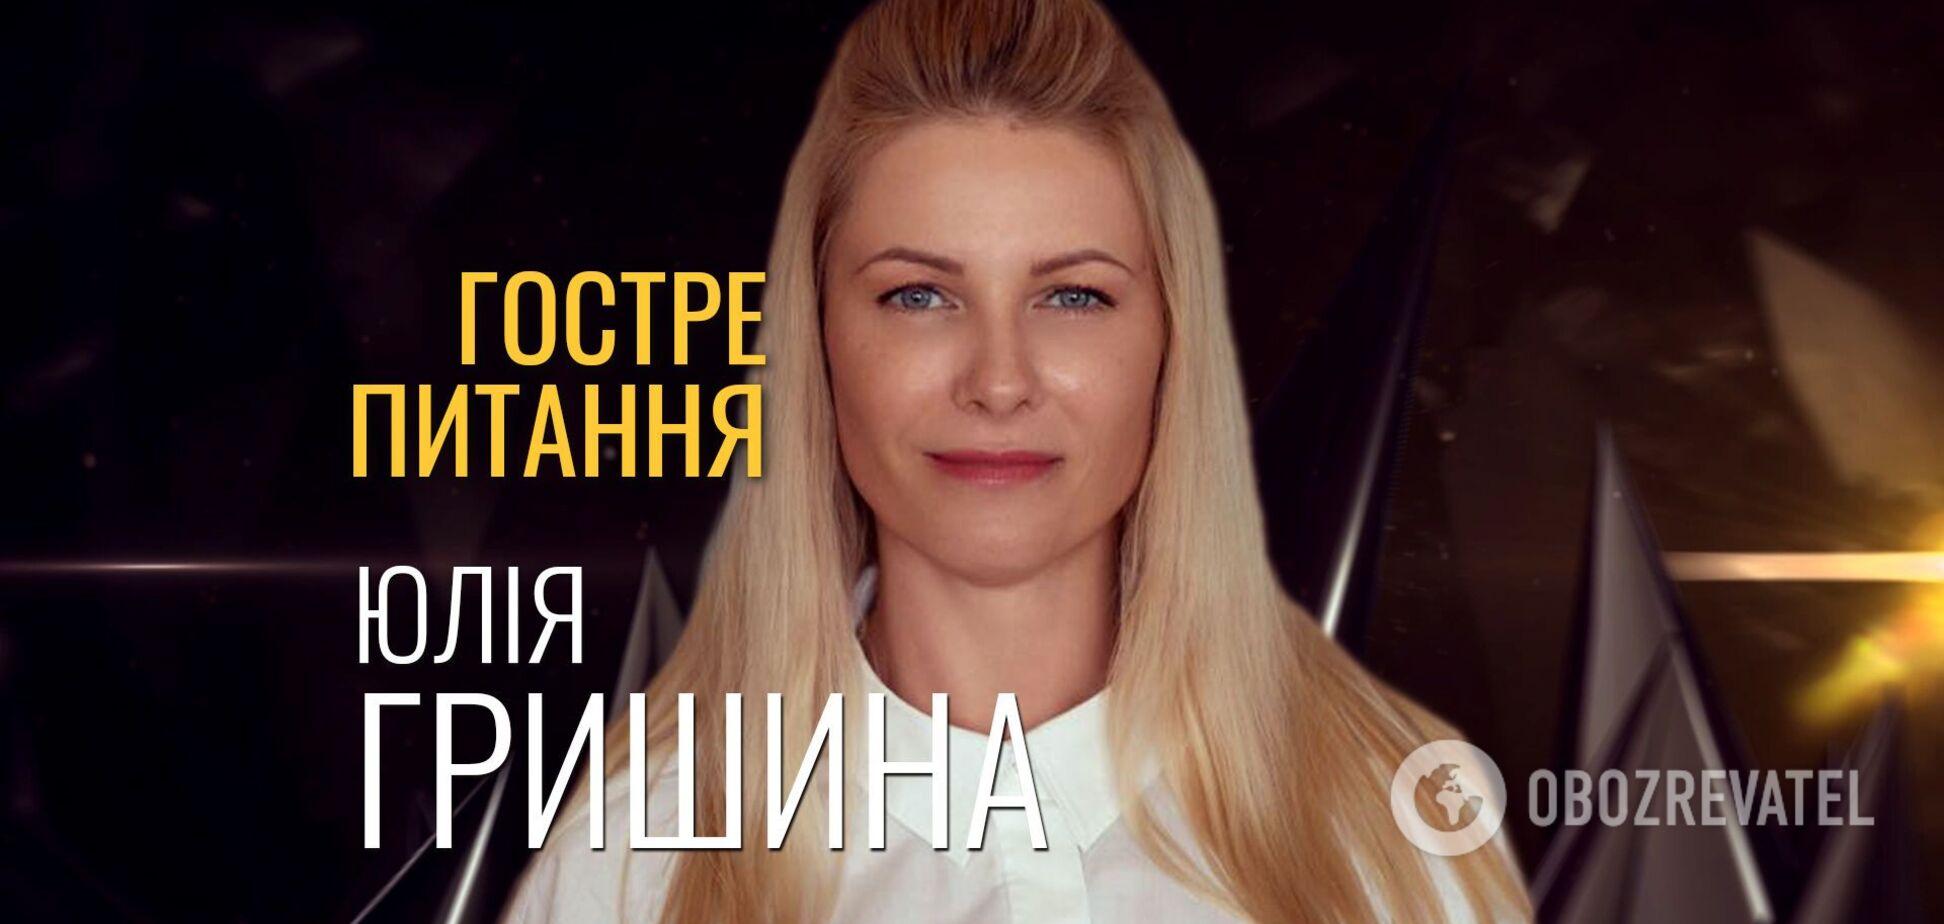 Острый вопрос | Юлия Гришина